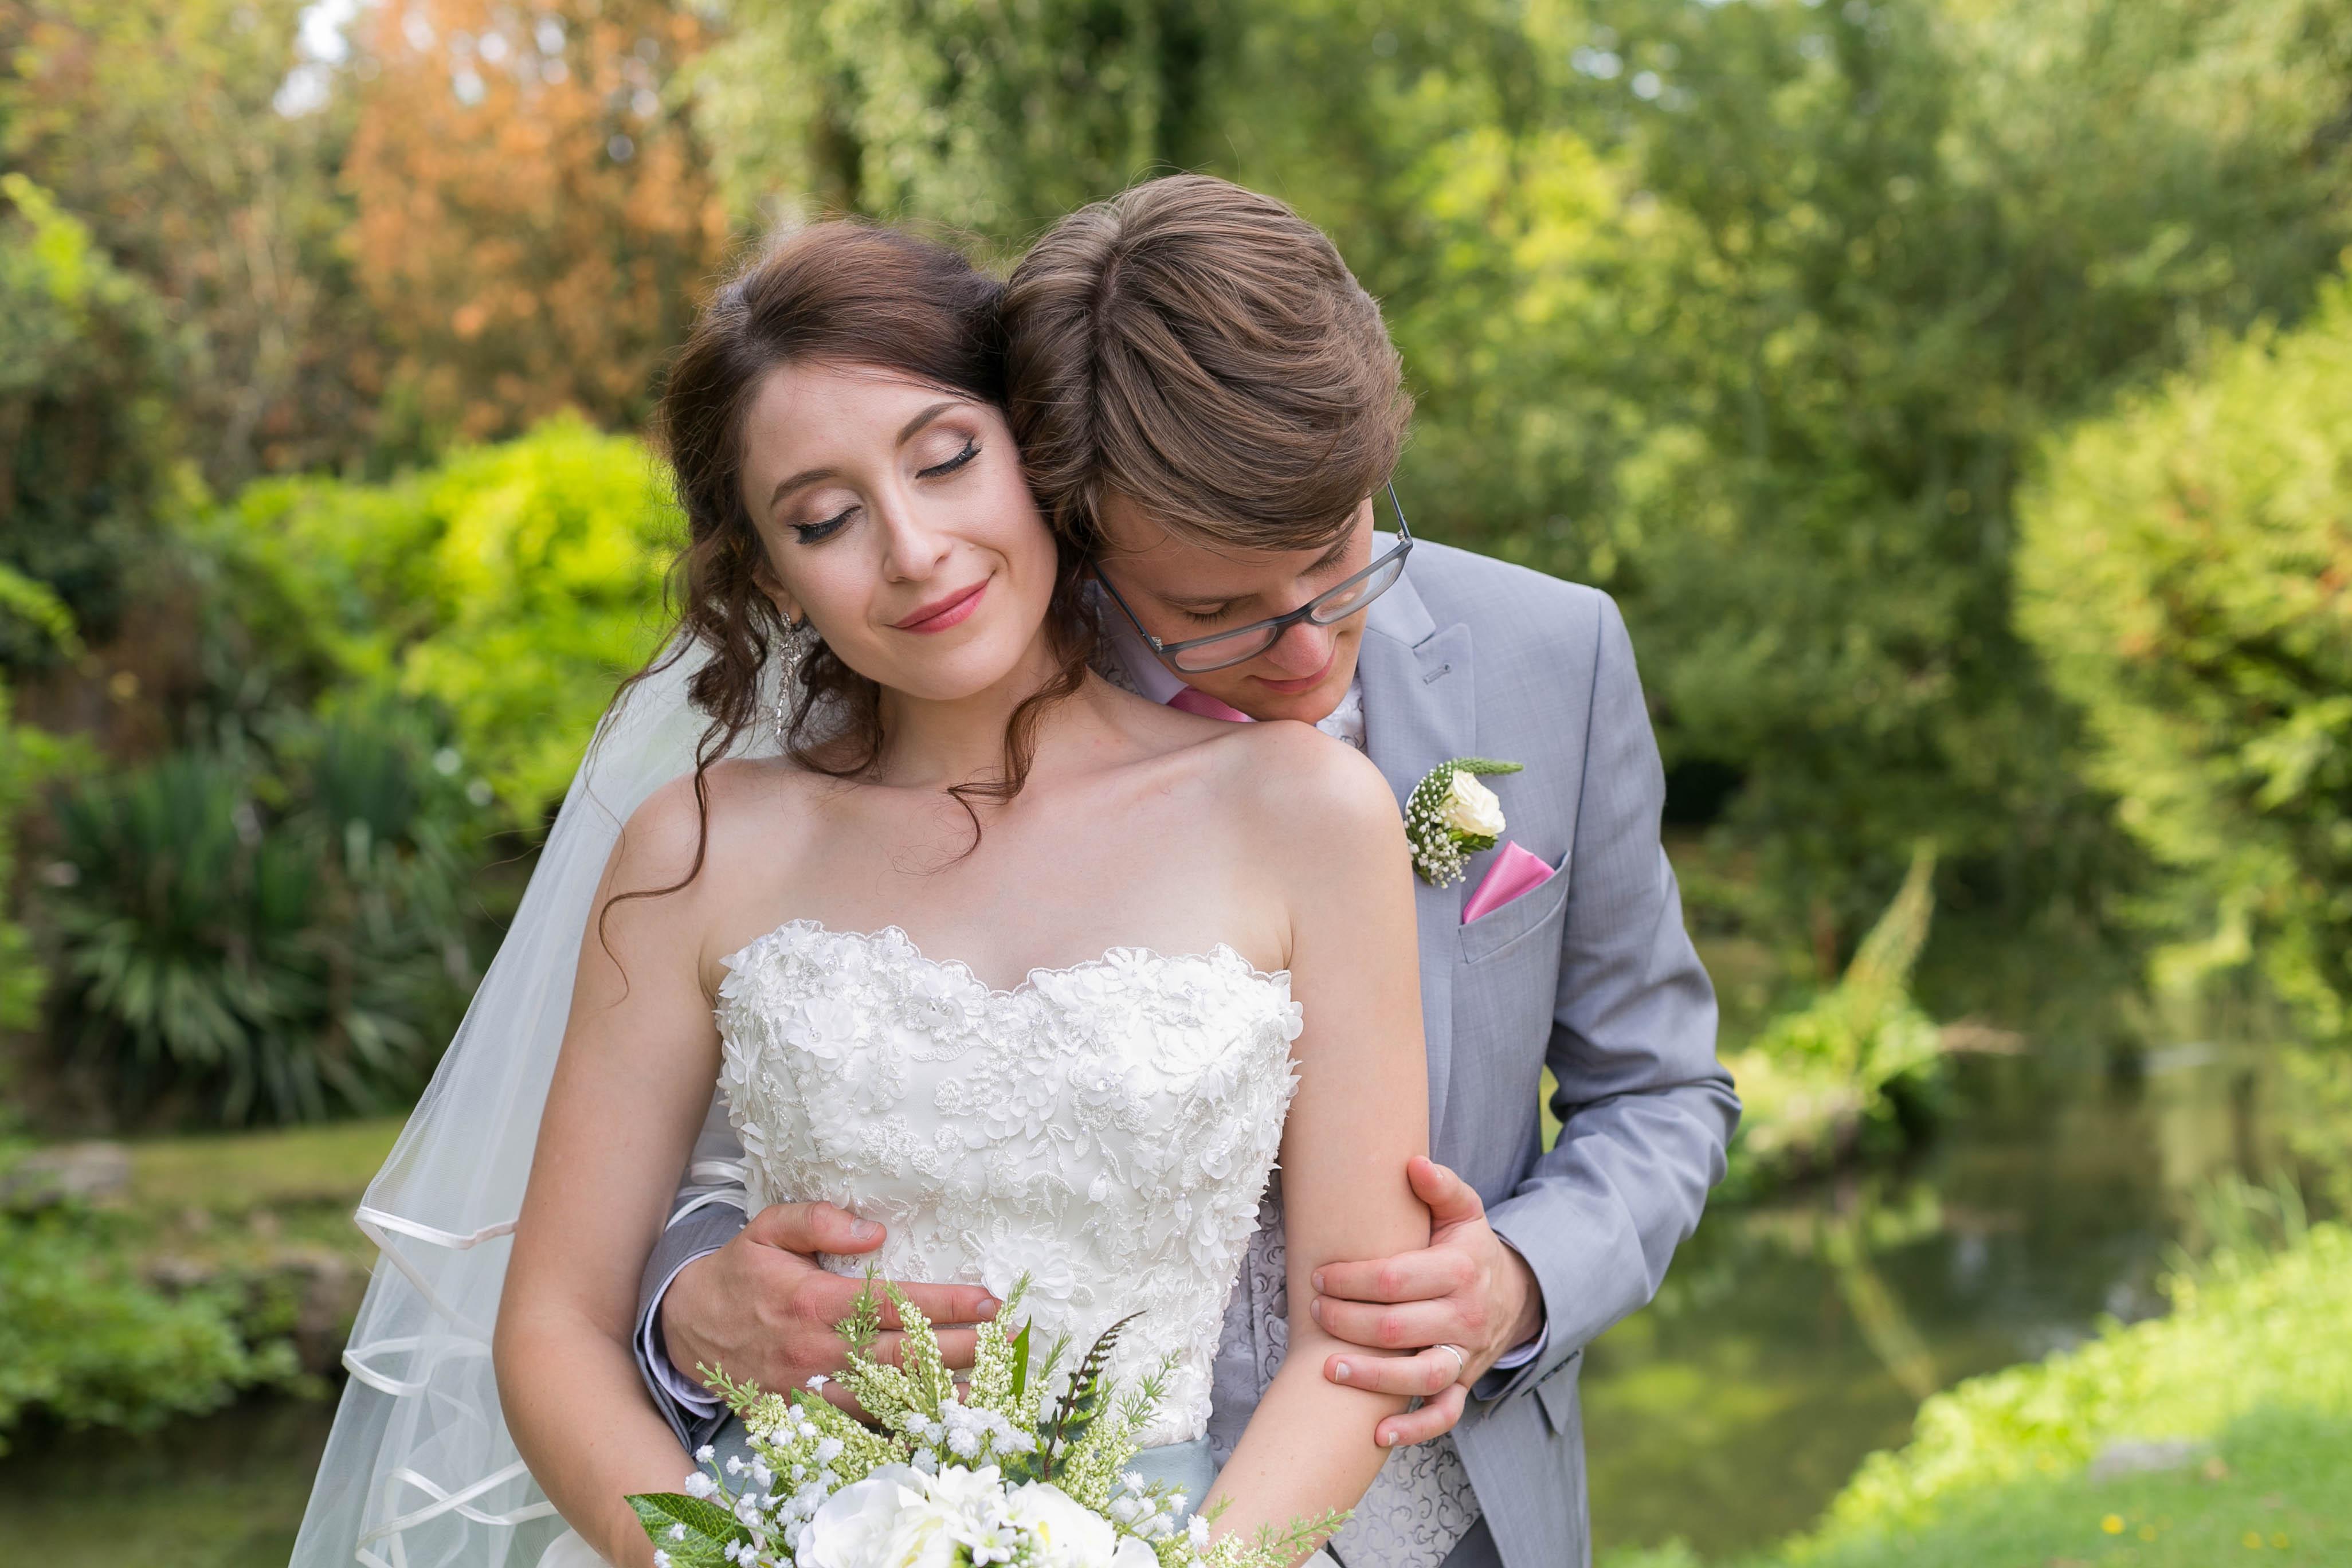 mariage Alice au pays des merveilles - cérémonie laique - blog photos